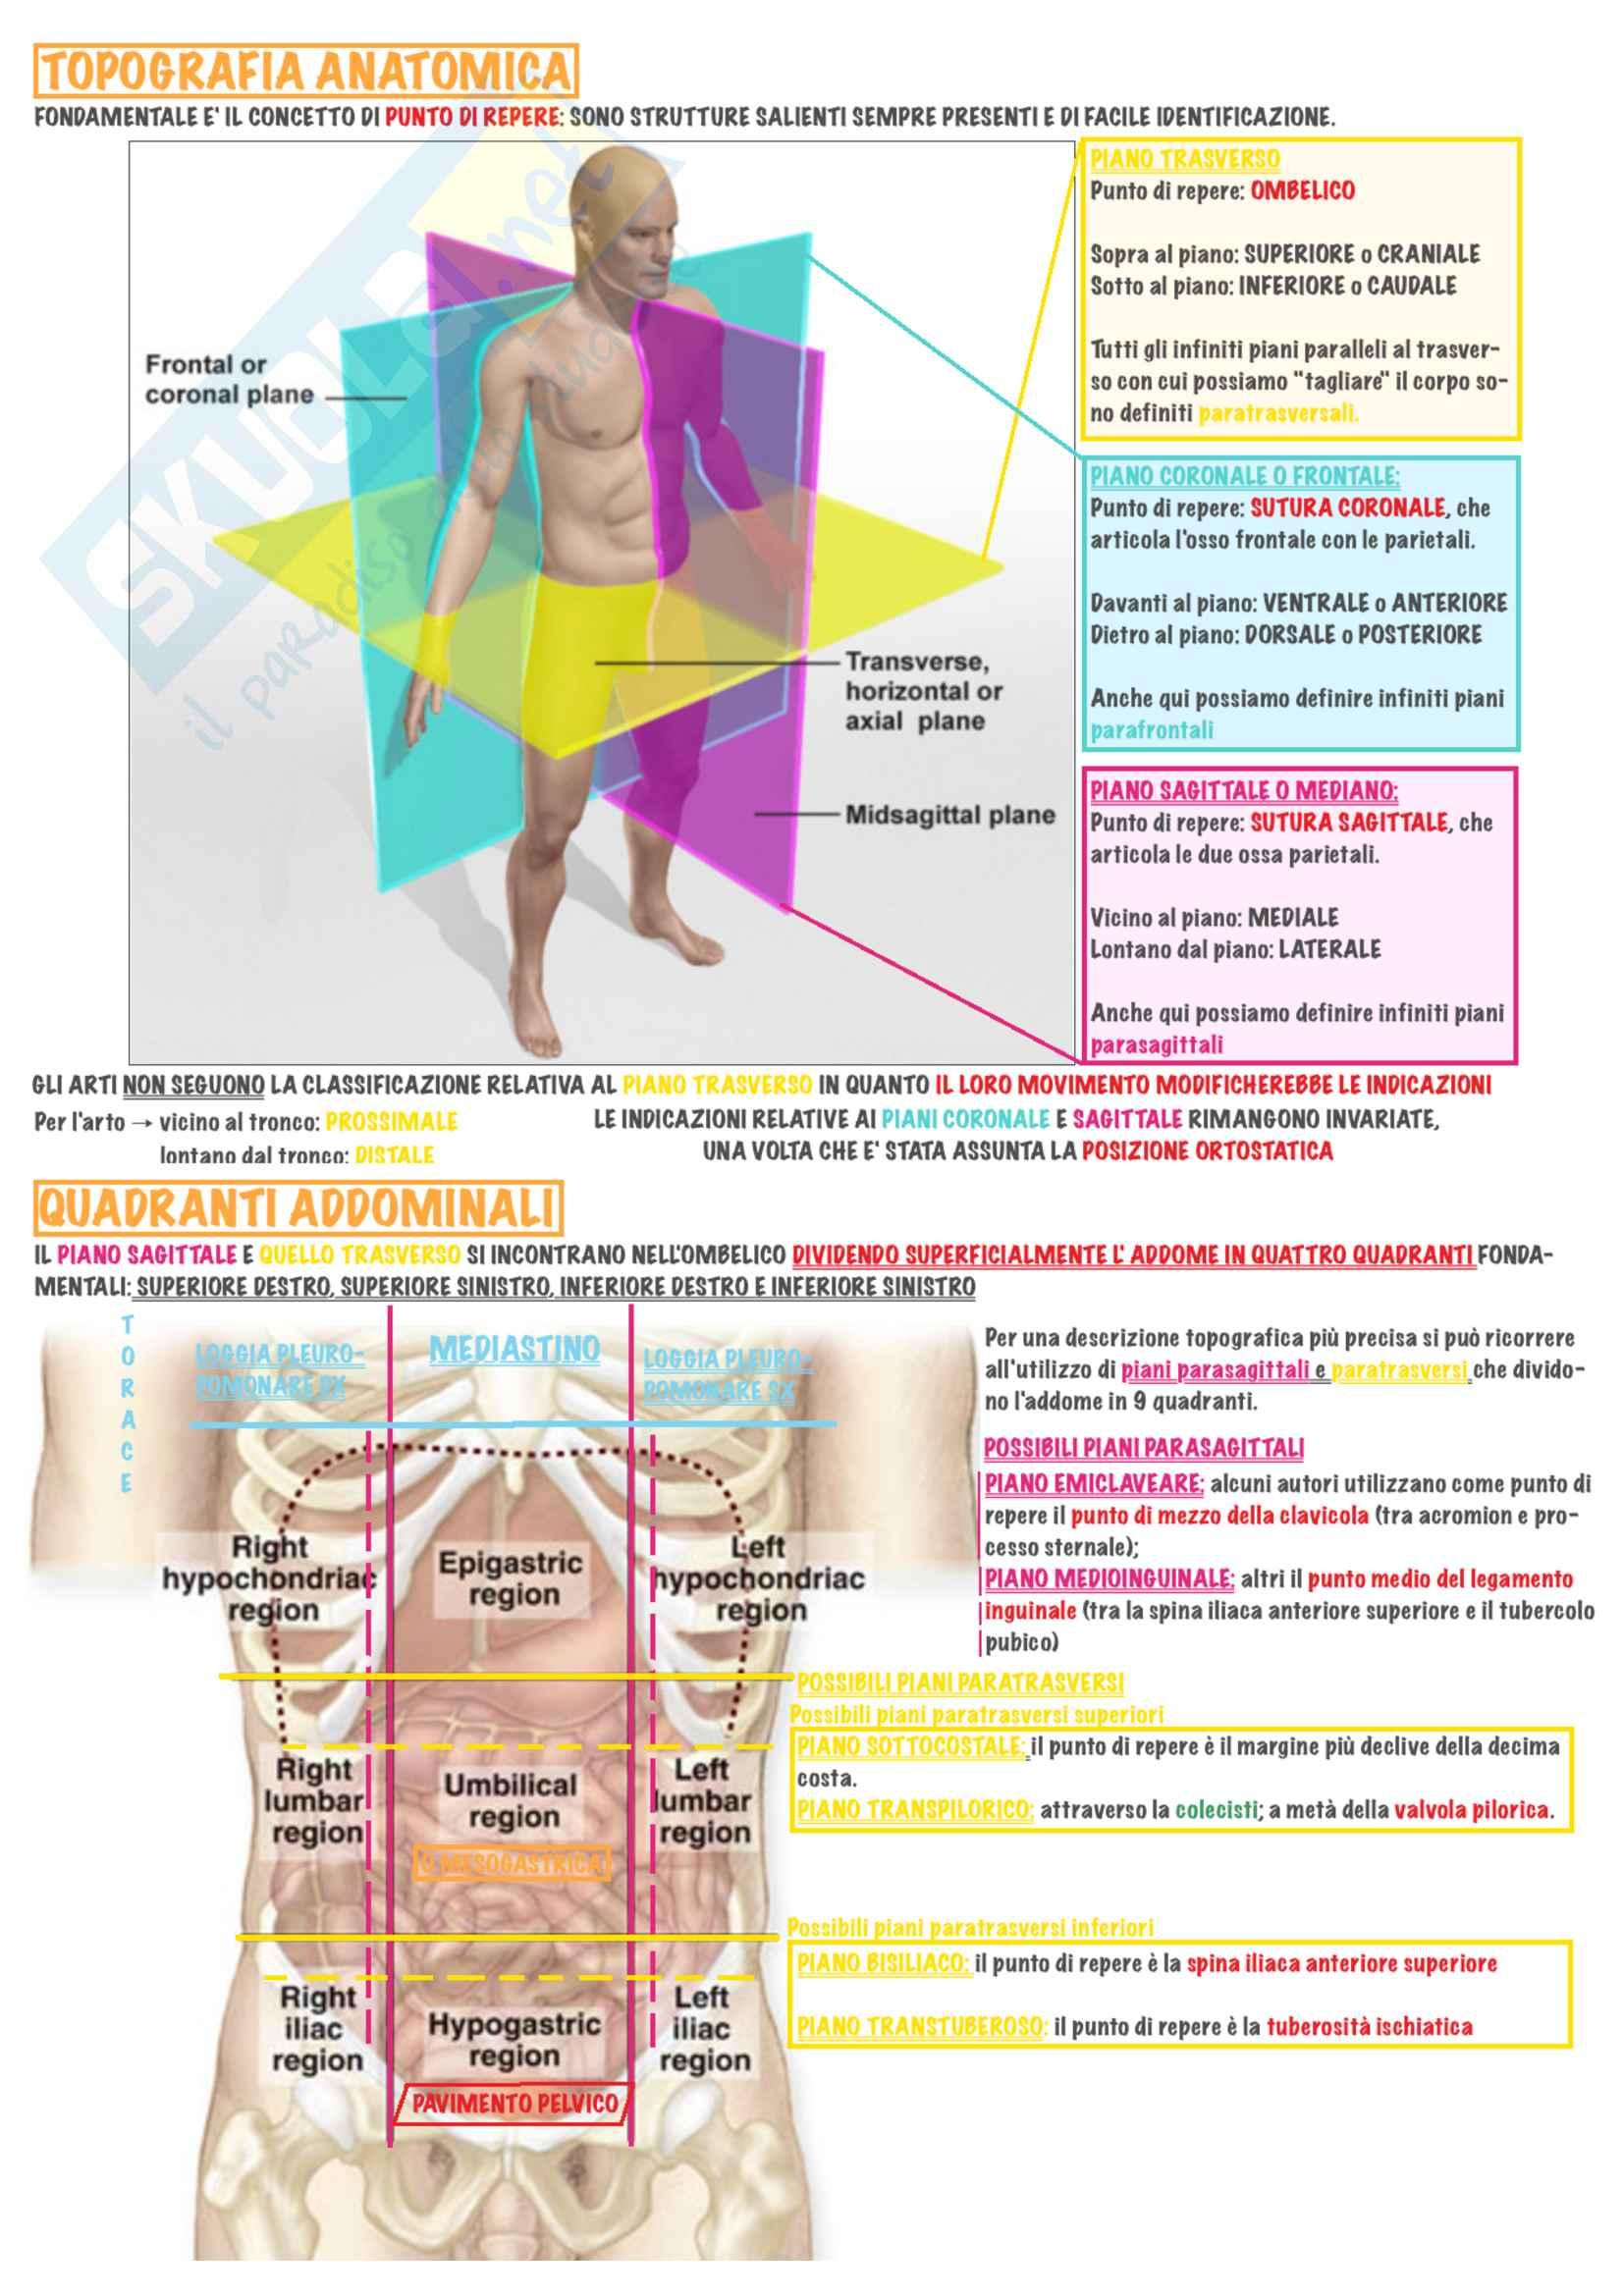 Anatomia Topografica (schemi)